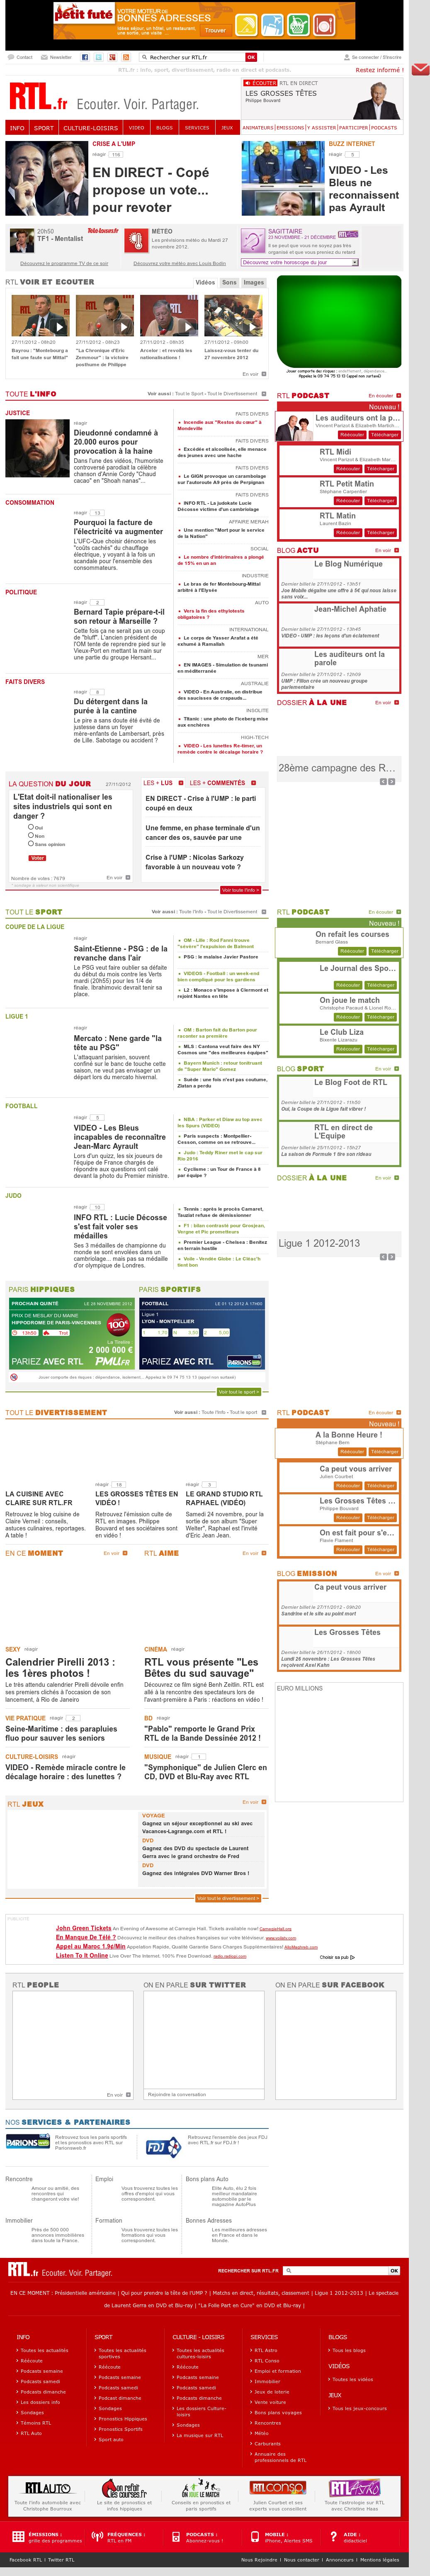 RTL at Tuesday Nov. 27, 2012, 3:24 p.m. UTC